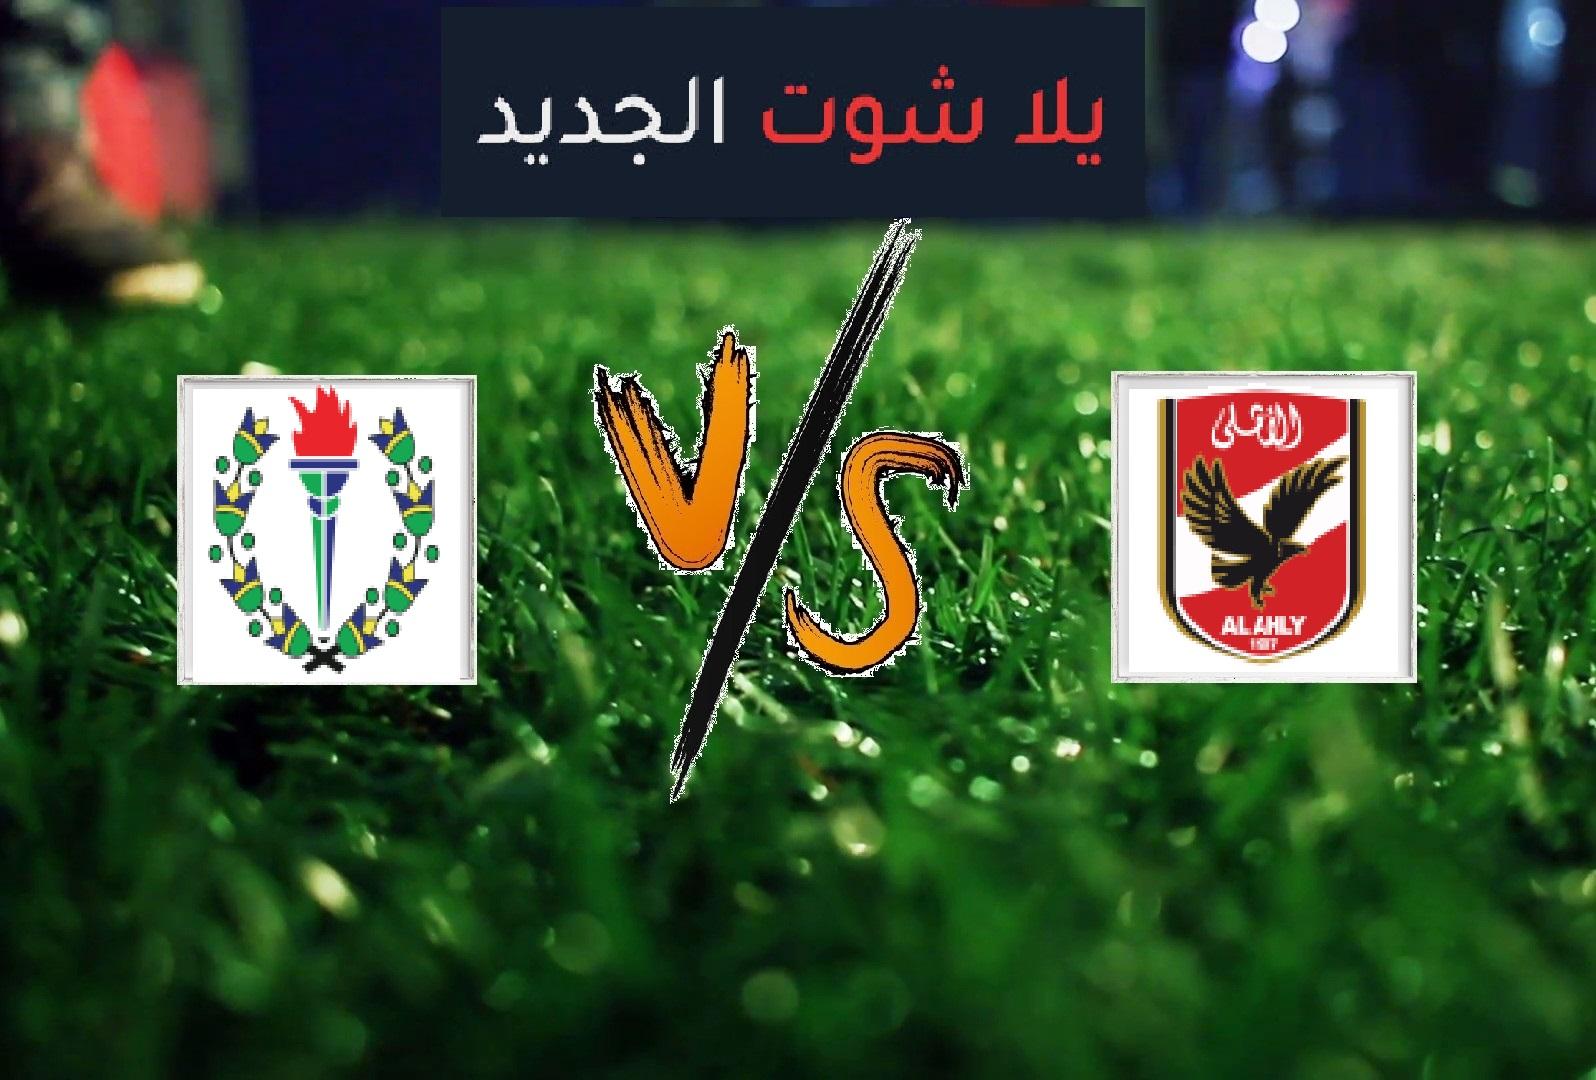 نتيجة مباراة الأهلي وسموحة بتاريخ 11-03-2020 الدوري المصري